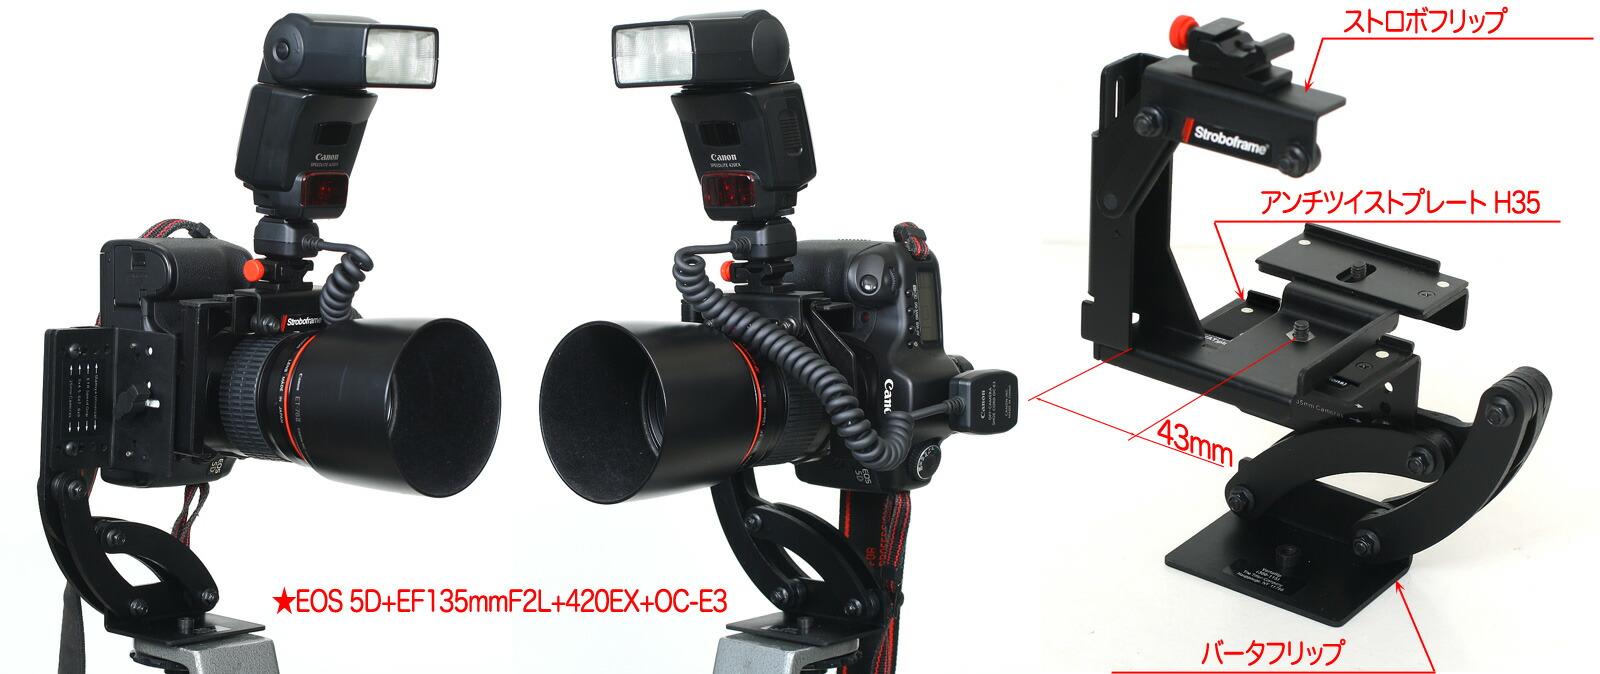 レンズ光軸を変えずに縦横をワンタッチ変更・外付けフラッシュ用フリップ